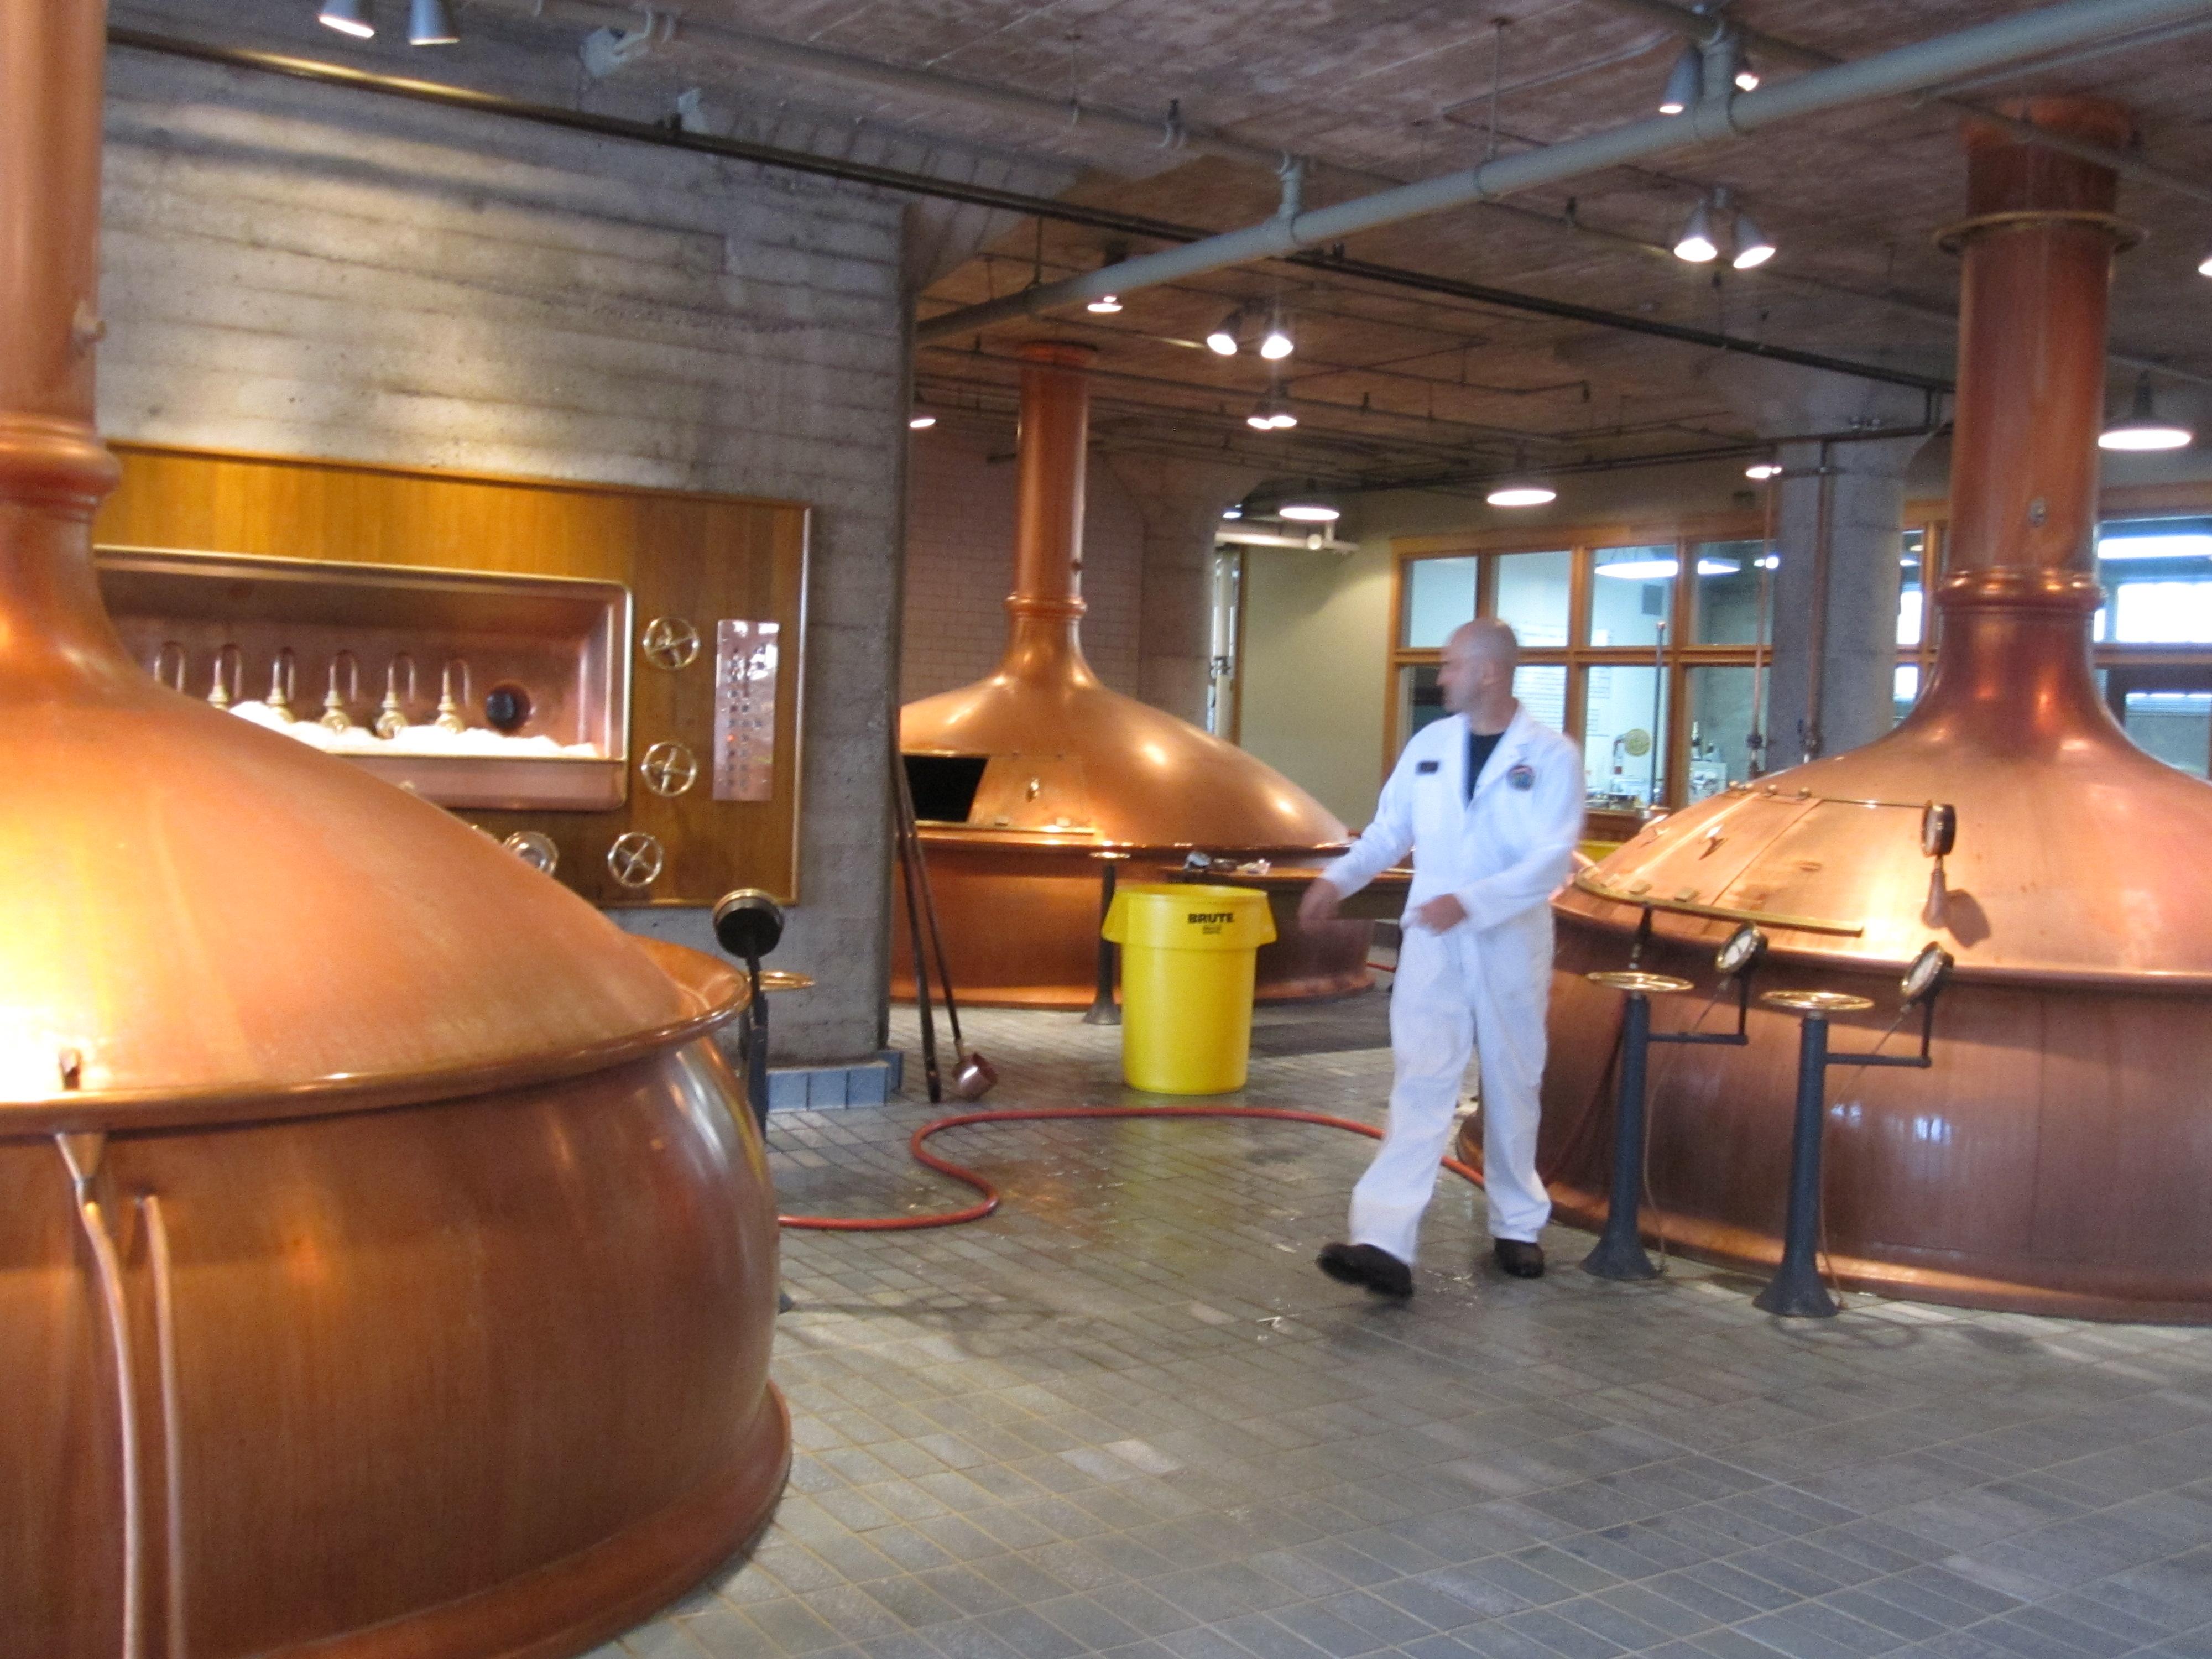 A beerman hard at work.